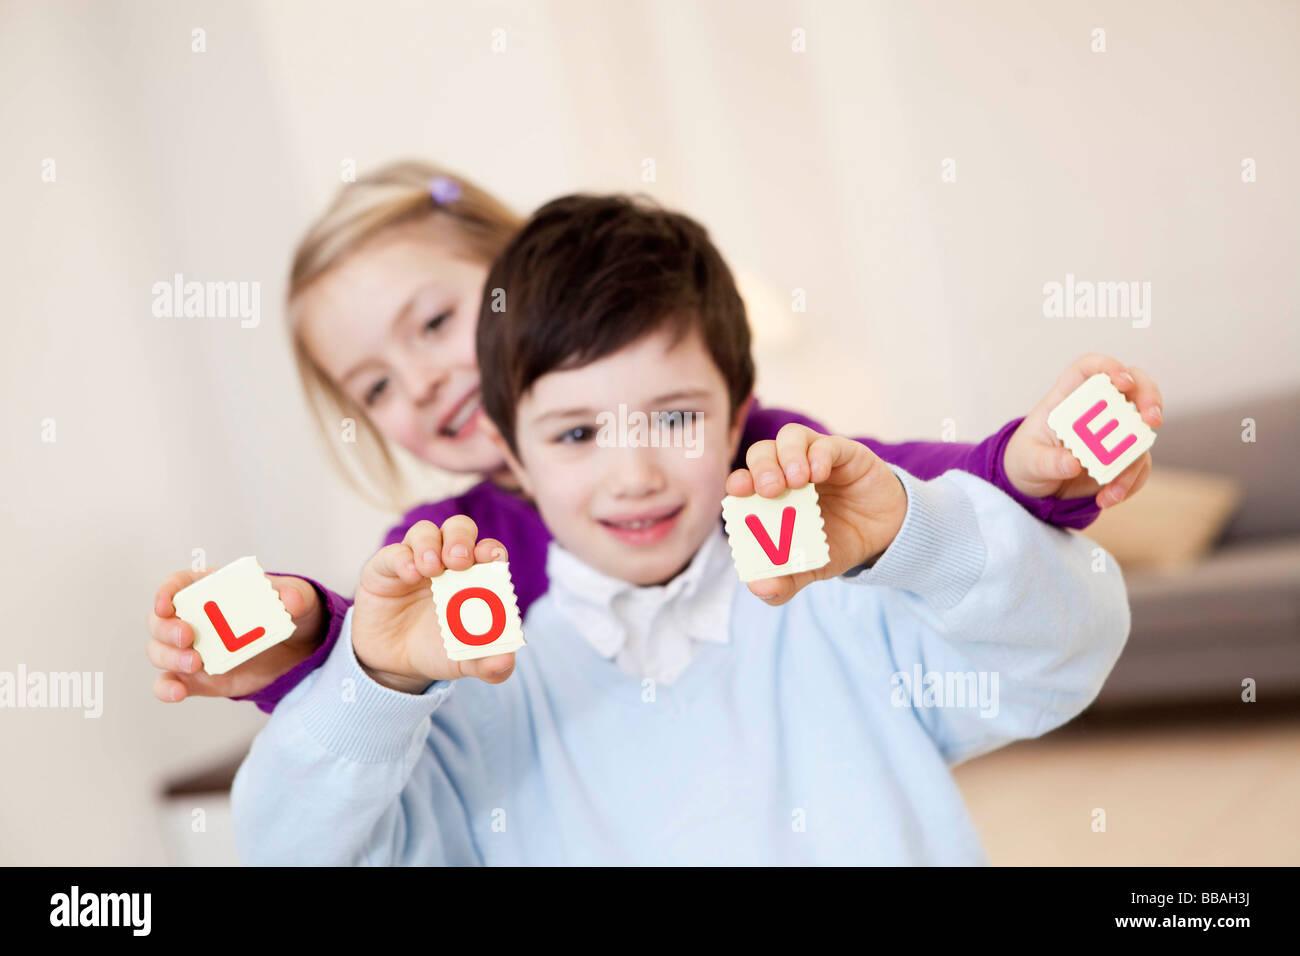 Kinder zeigen Liebe-Zeichen Stockbild